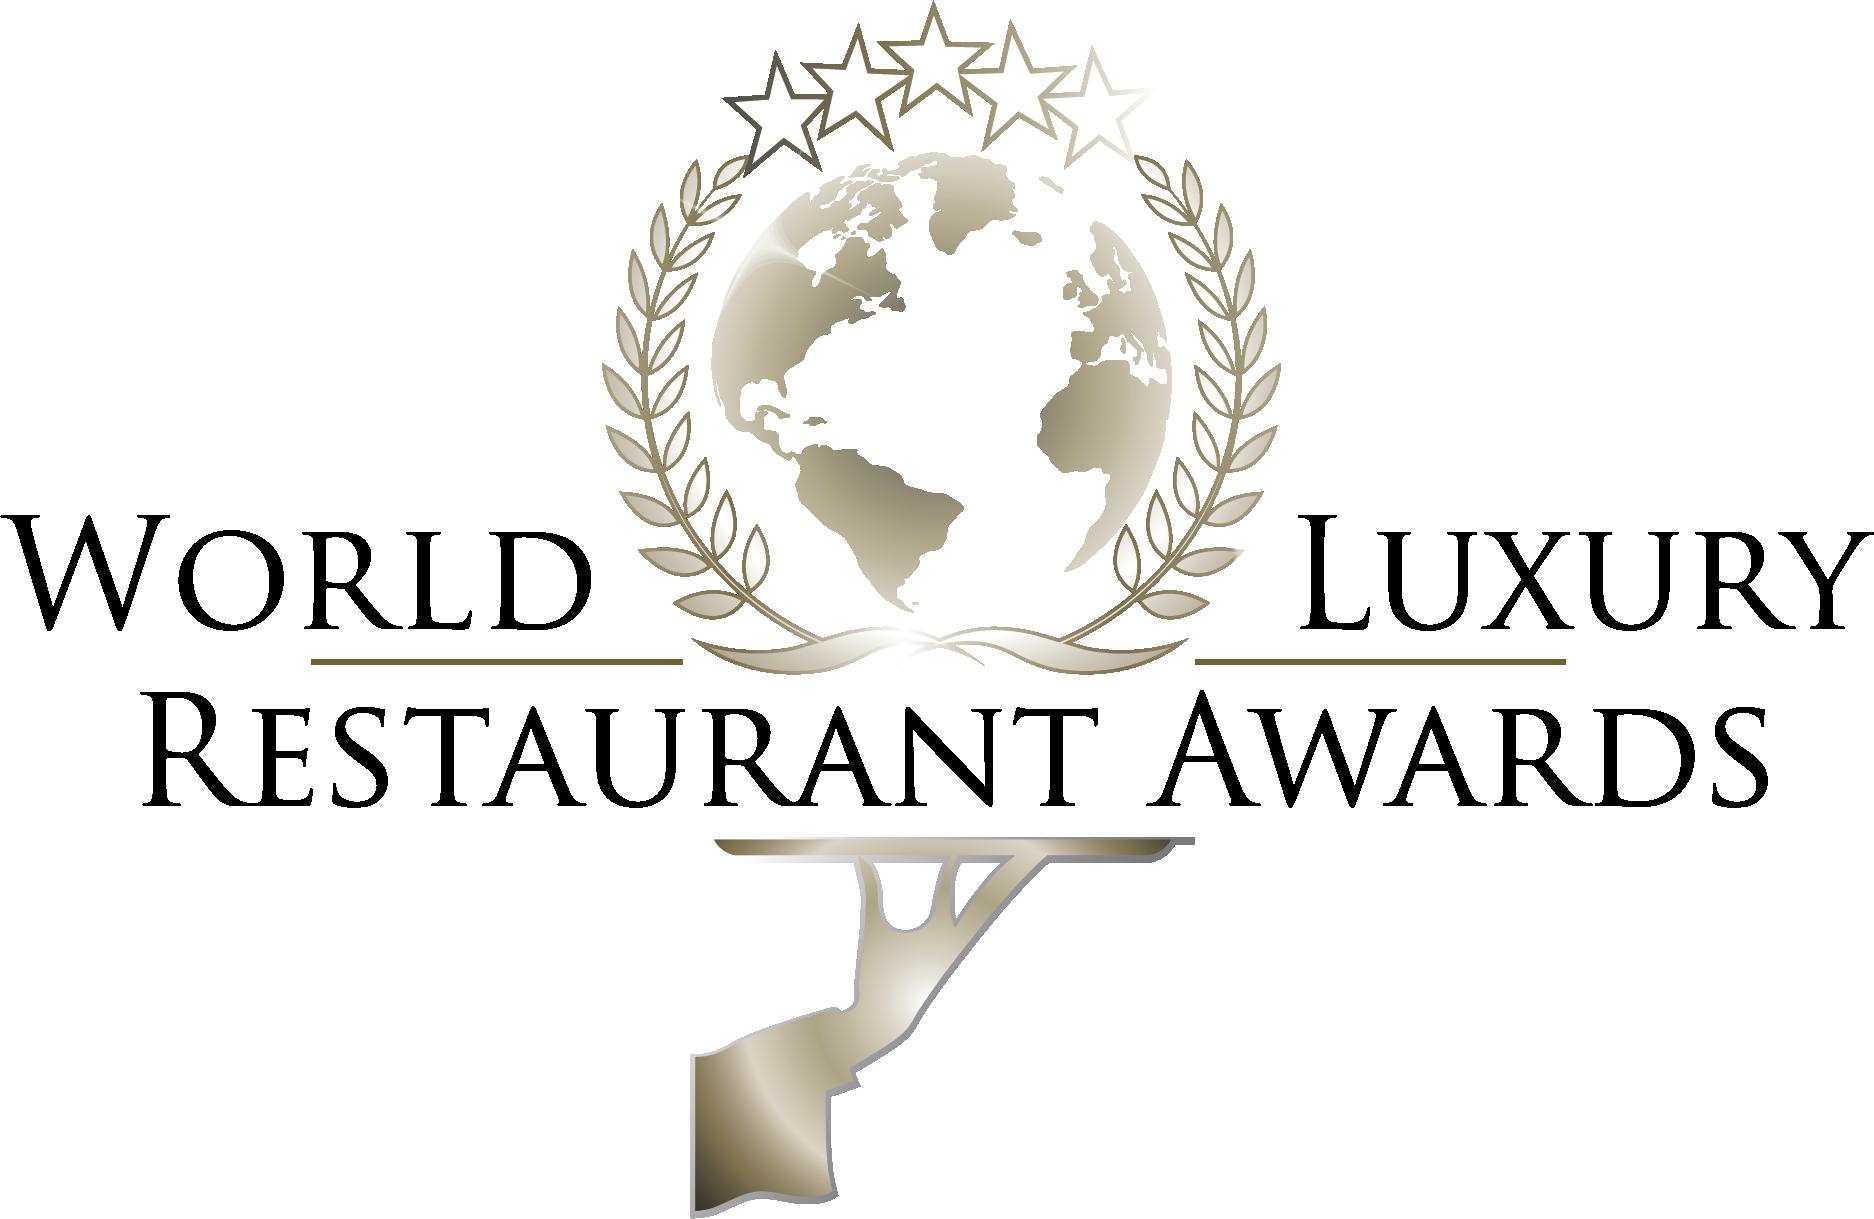 World luxury spa and restaurant awards honour 2017 winners for Cuisine 2017 restaurant awards